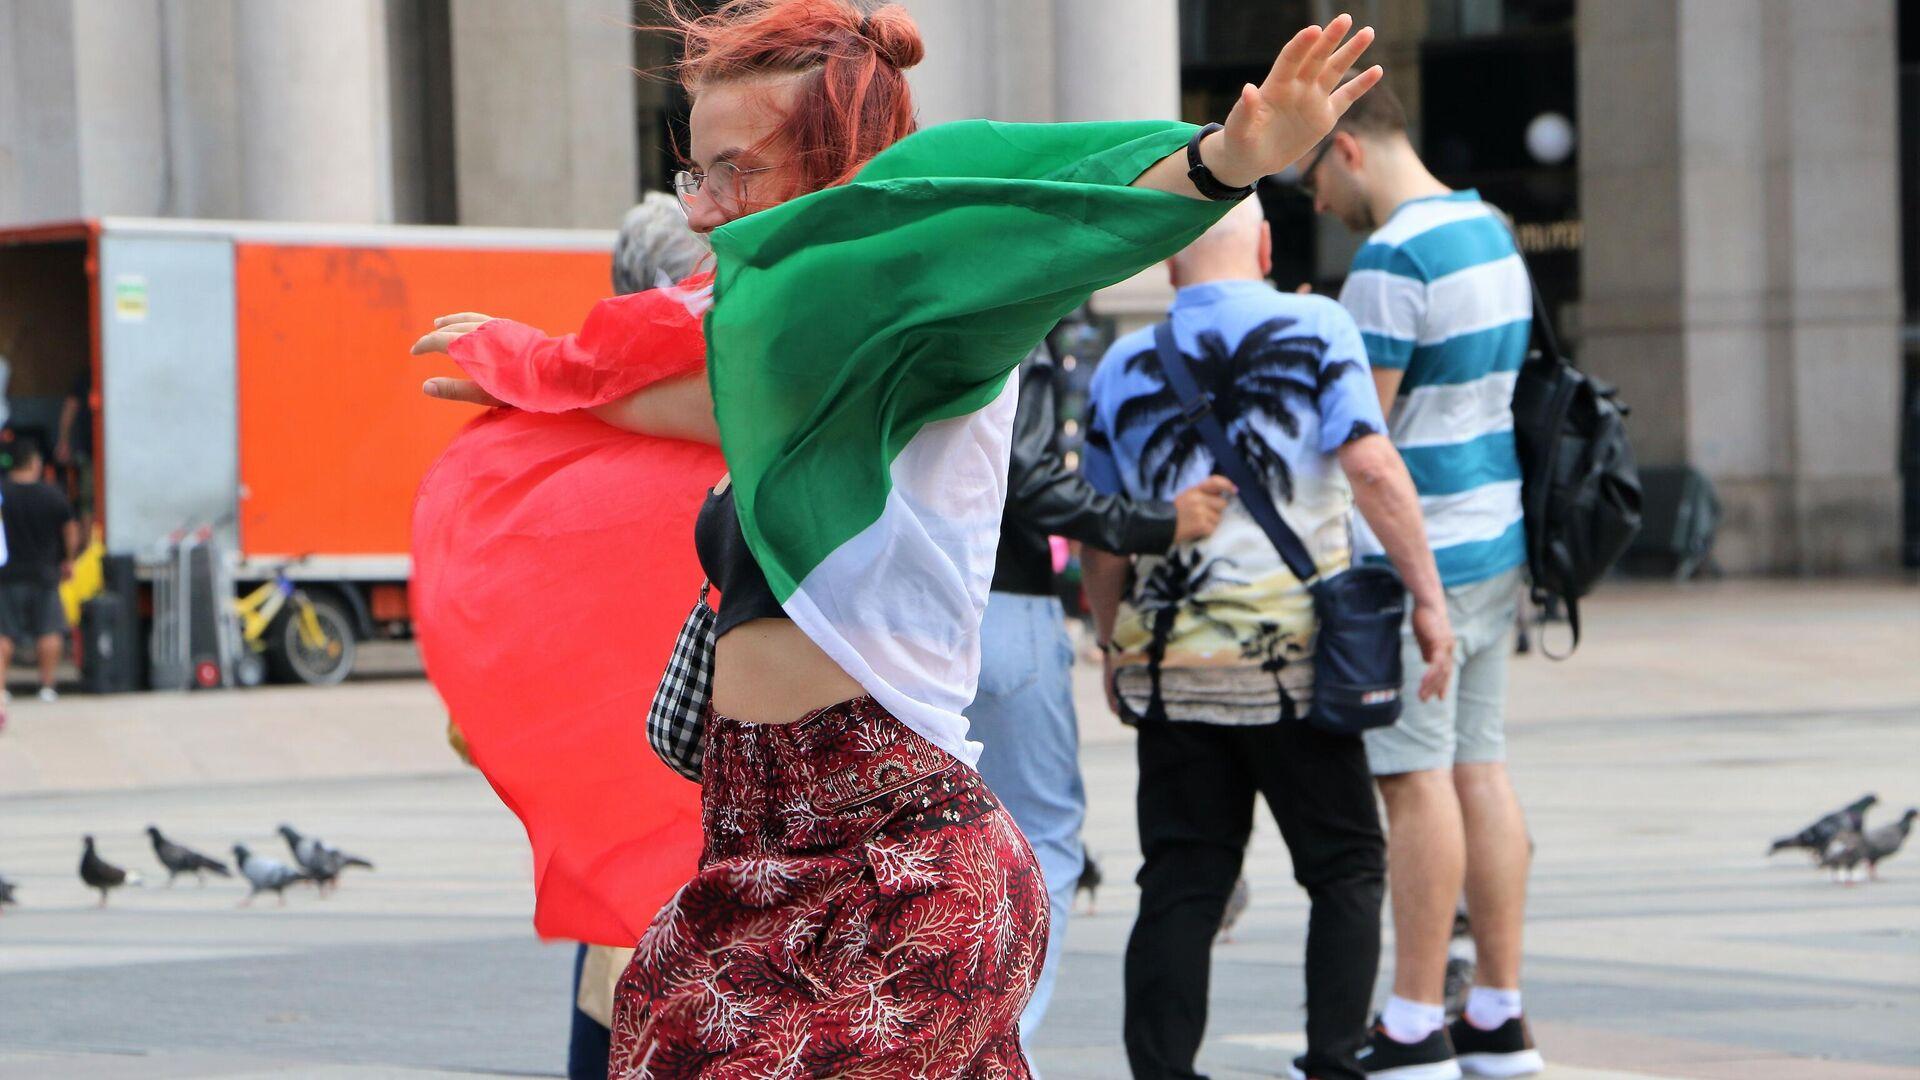 Una ragazza con la bandiera italiana - Sputnik Italia, 1920, 19.07.2021